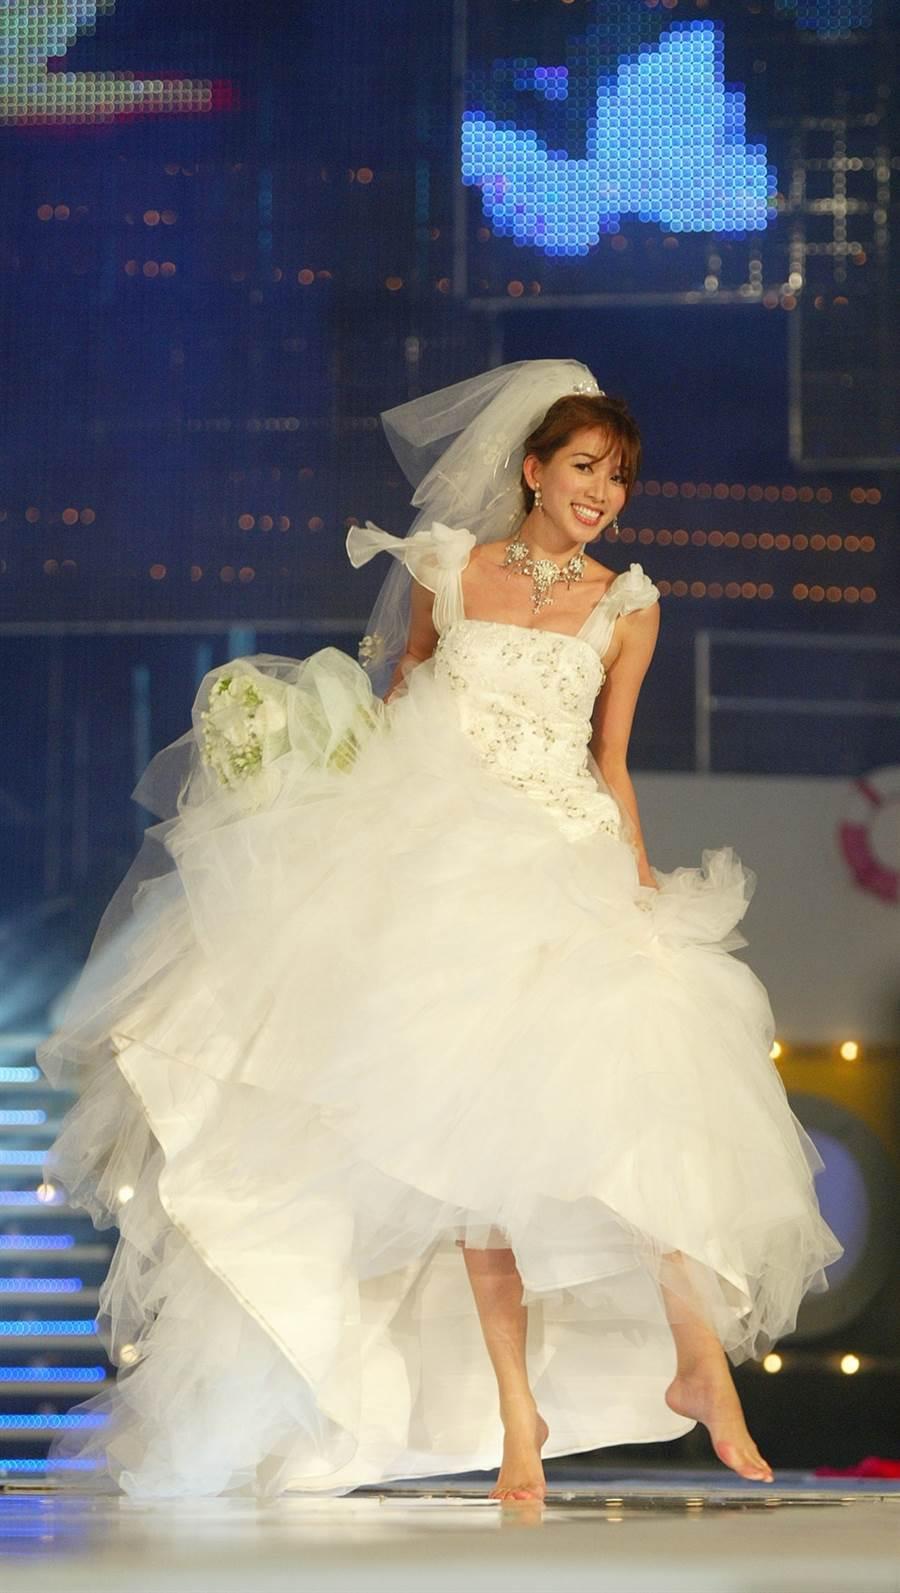 2006年林志玲在跨年晚會穿白紗表演走秀,驚豔全場。(圖/中時資料照片)